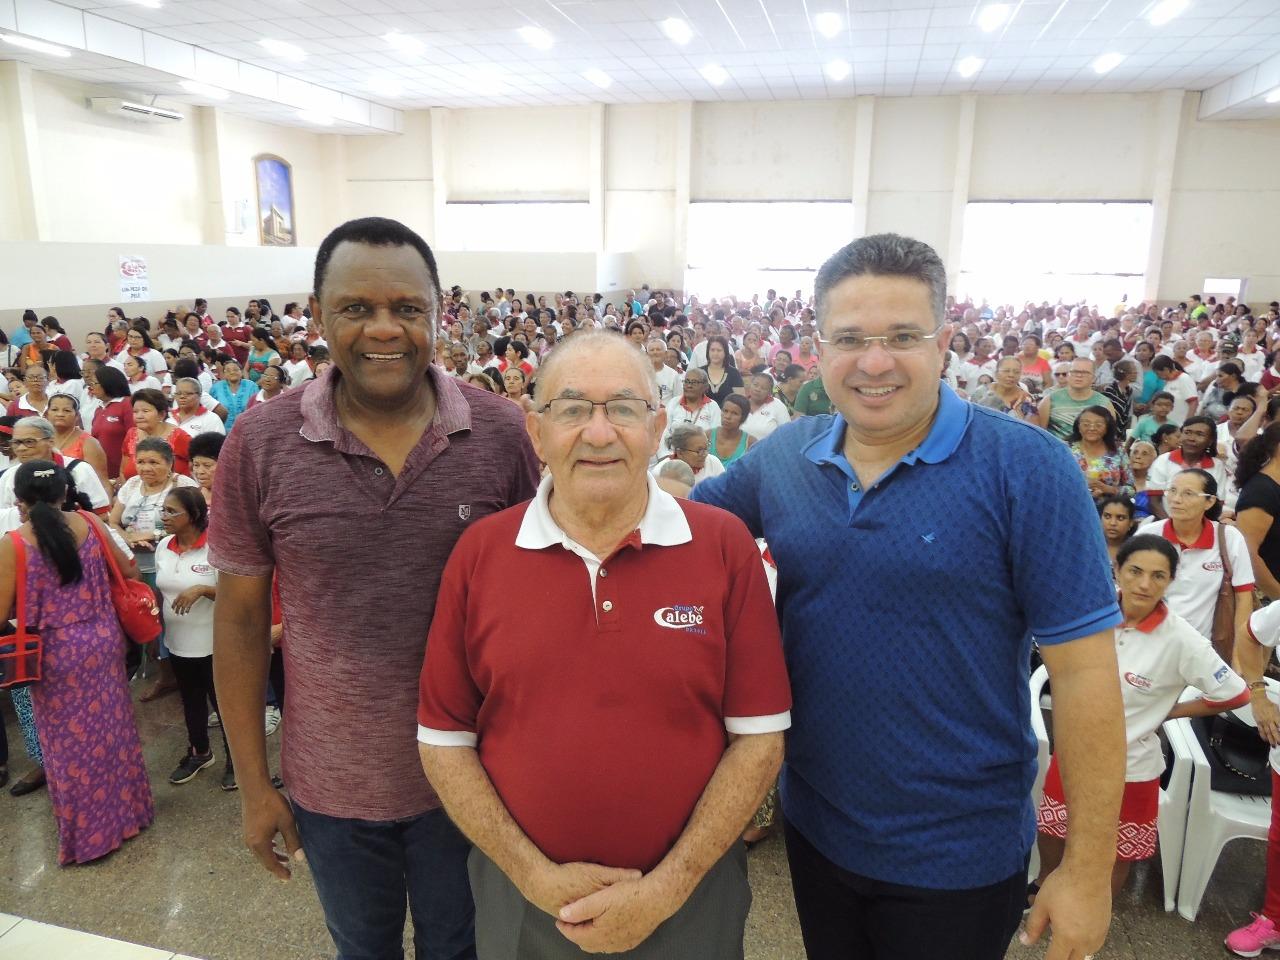 Grupo Calebe – Bispos prestigiam  5° Congresso da Melhor Idade